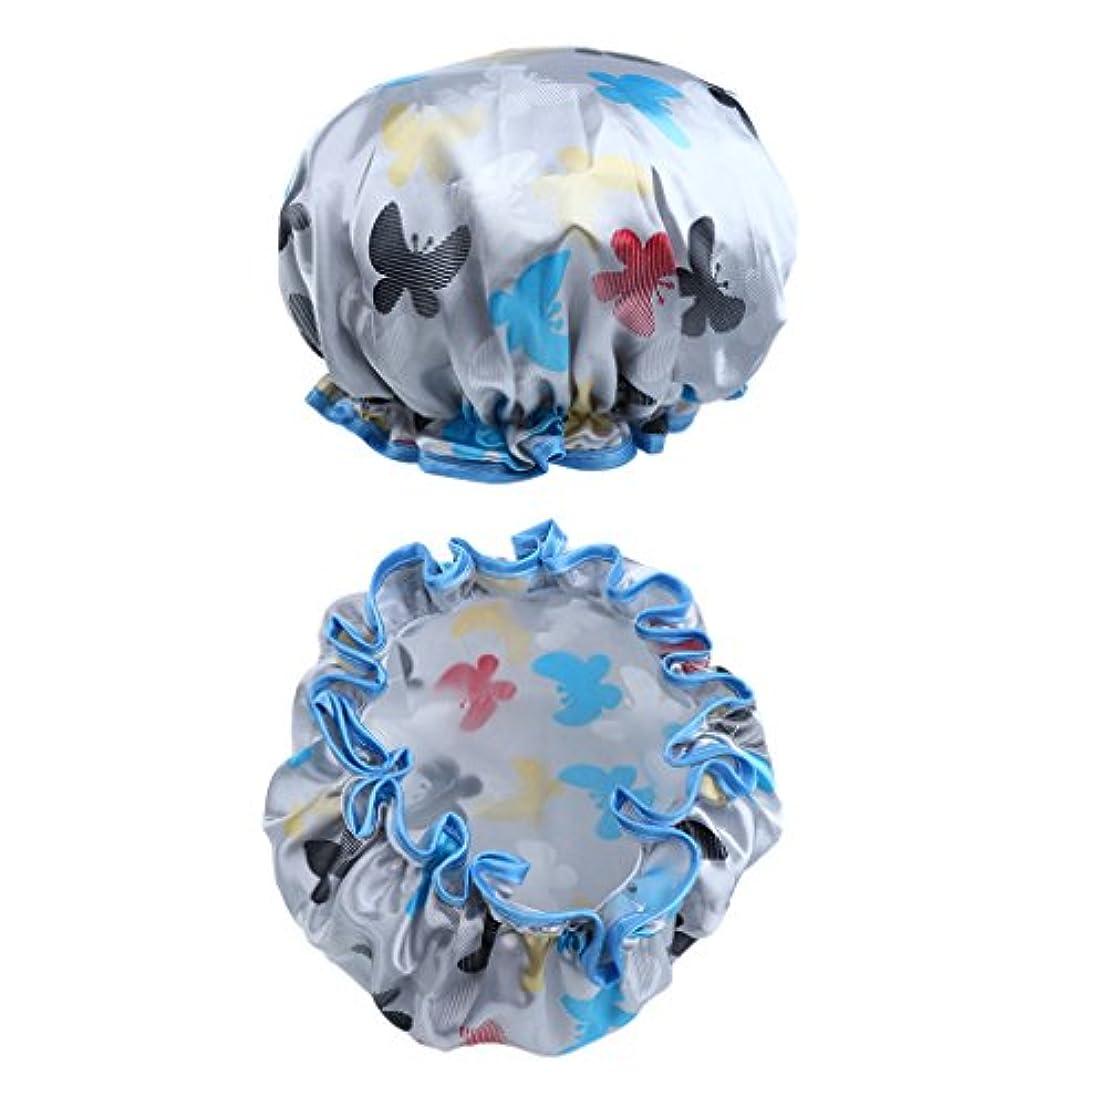 ストリップ歴史家後継dailymall シャワーキャップ ヘアキャップ ヘアーターバン 入浴キャップ 帽子 お風呂 シャワー用に 2個 7色 - マルチカラー